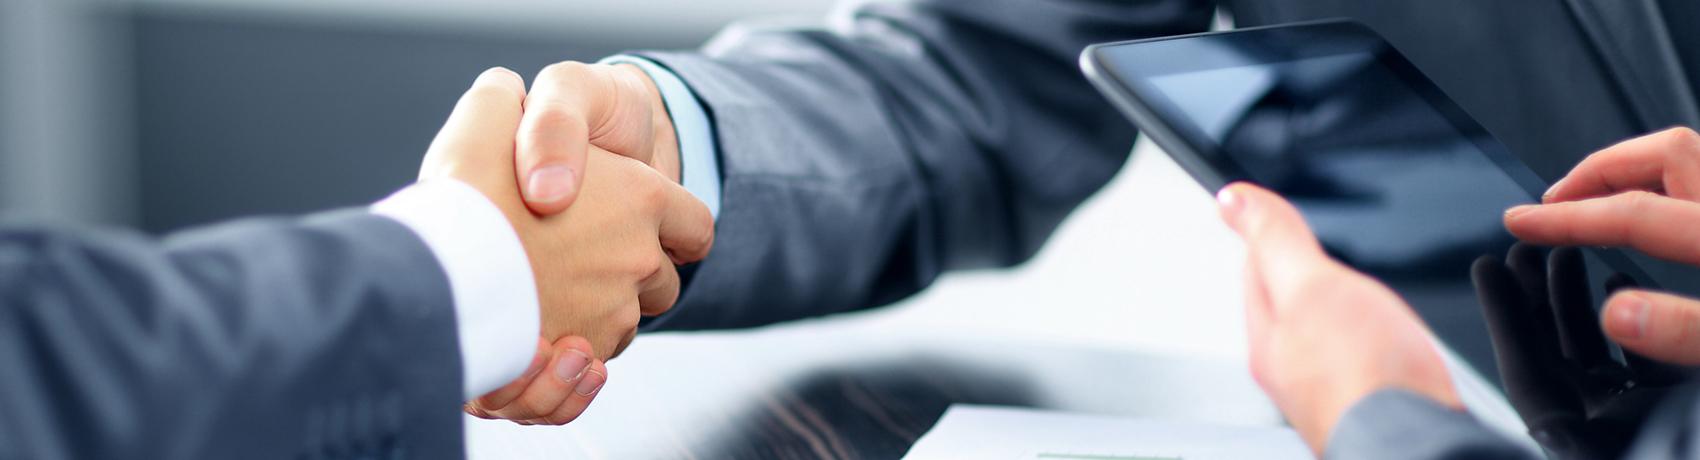 Förderprogramme für Unternehmen und Beschäftigte